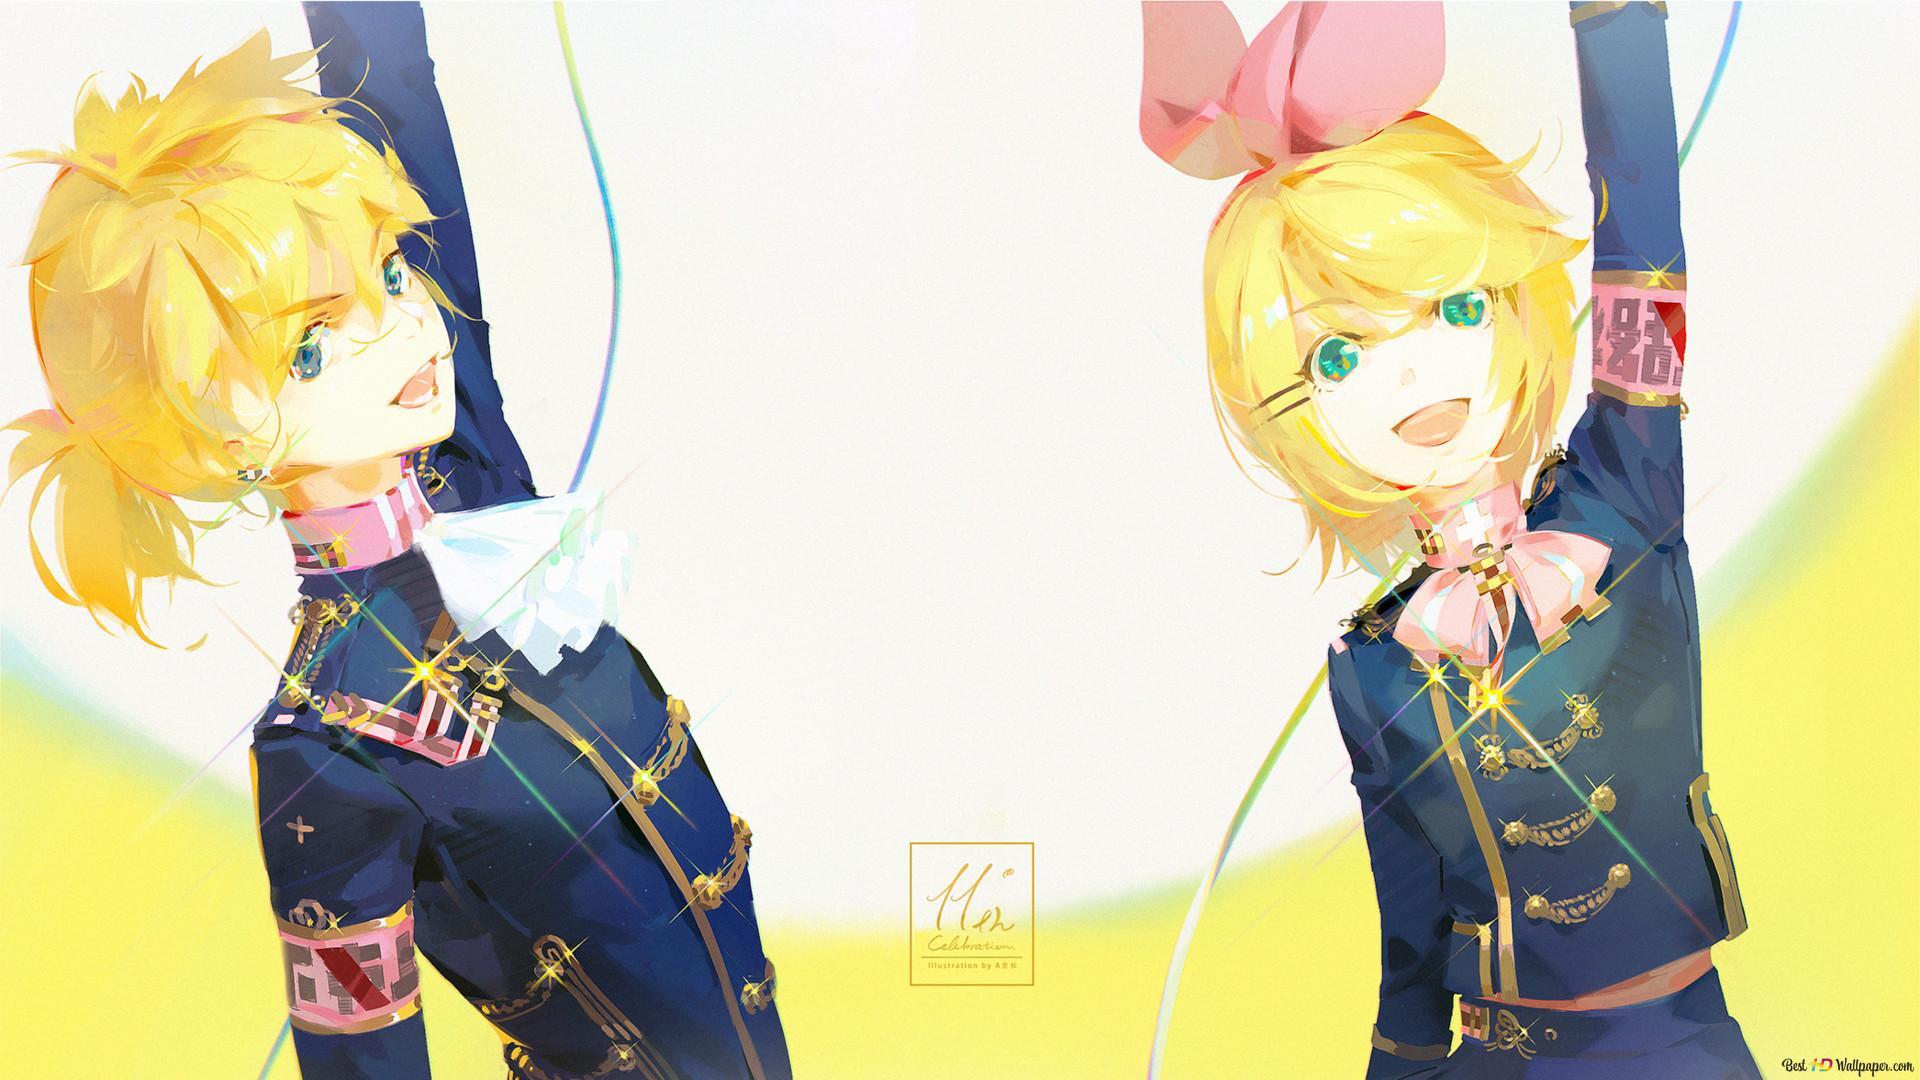 Descargar Fondo De Pantalla Vocaloid Kagamine Len Y Rin